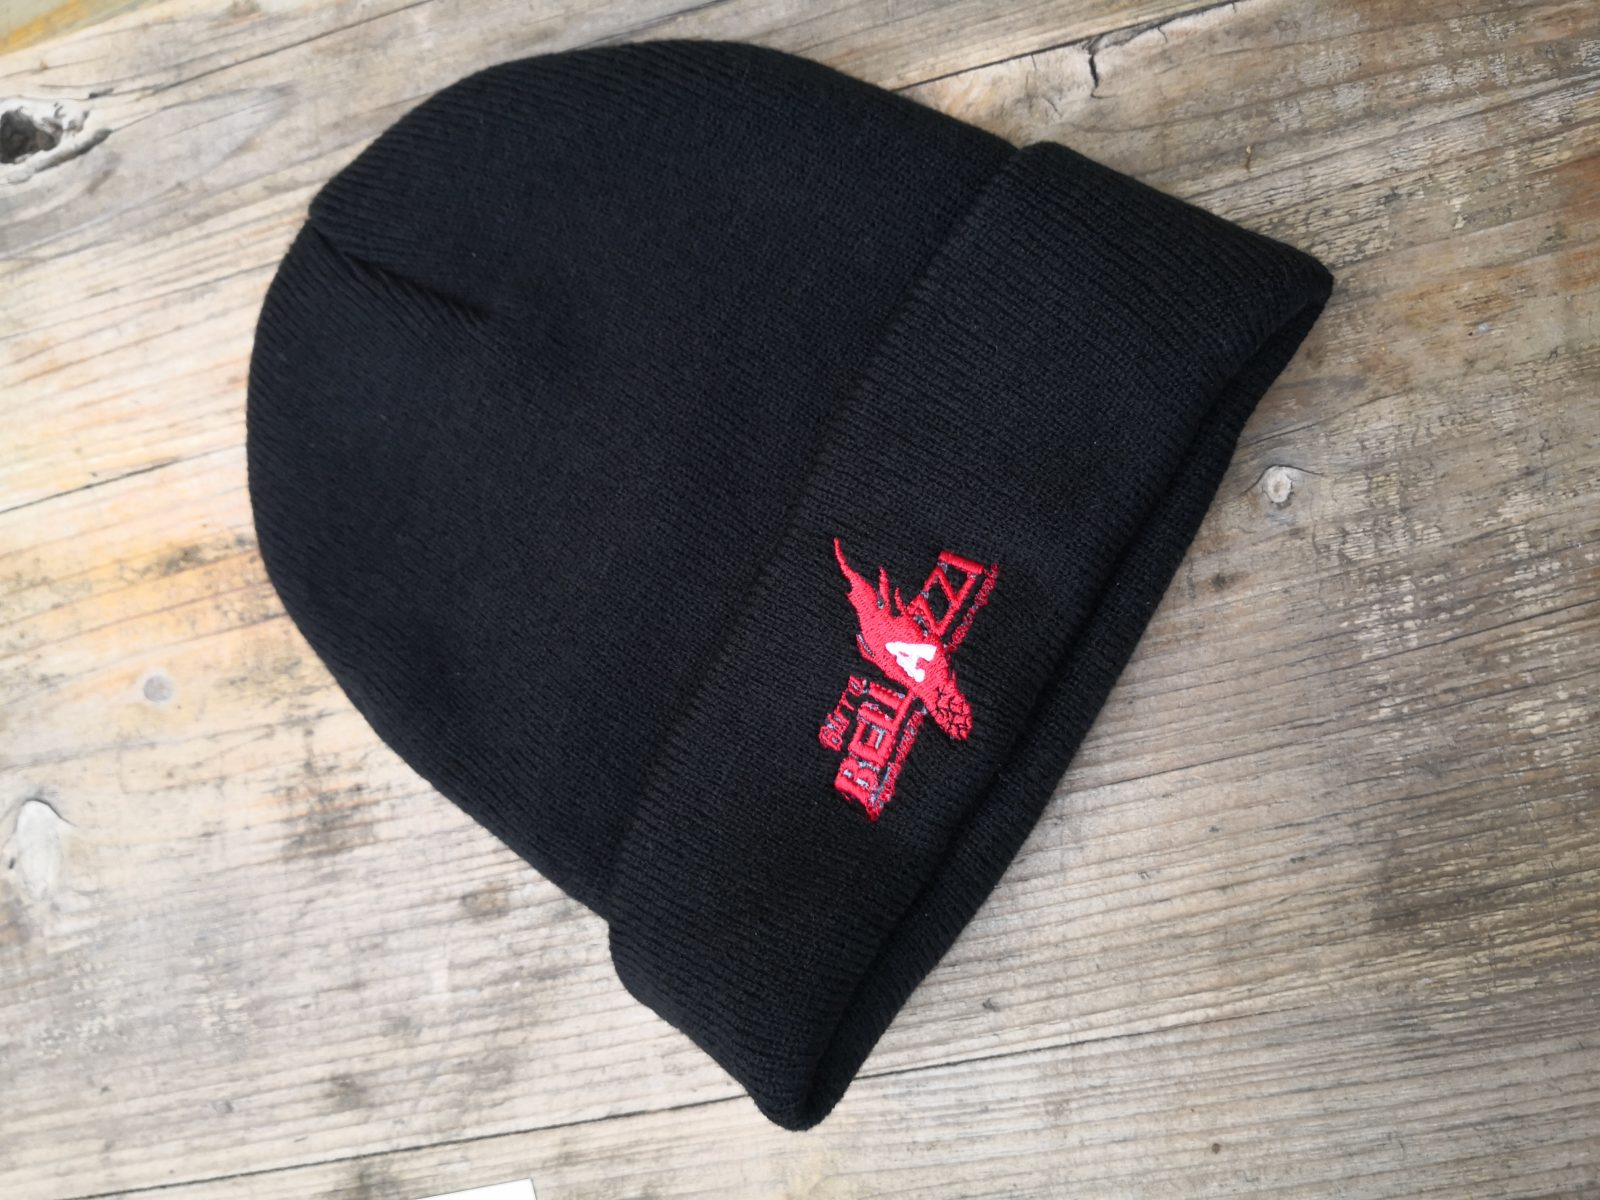 Cappello cuffia Birra Artigianale Bellazzi Luppolo in Fiamme